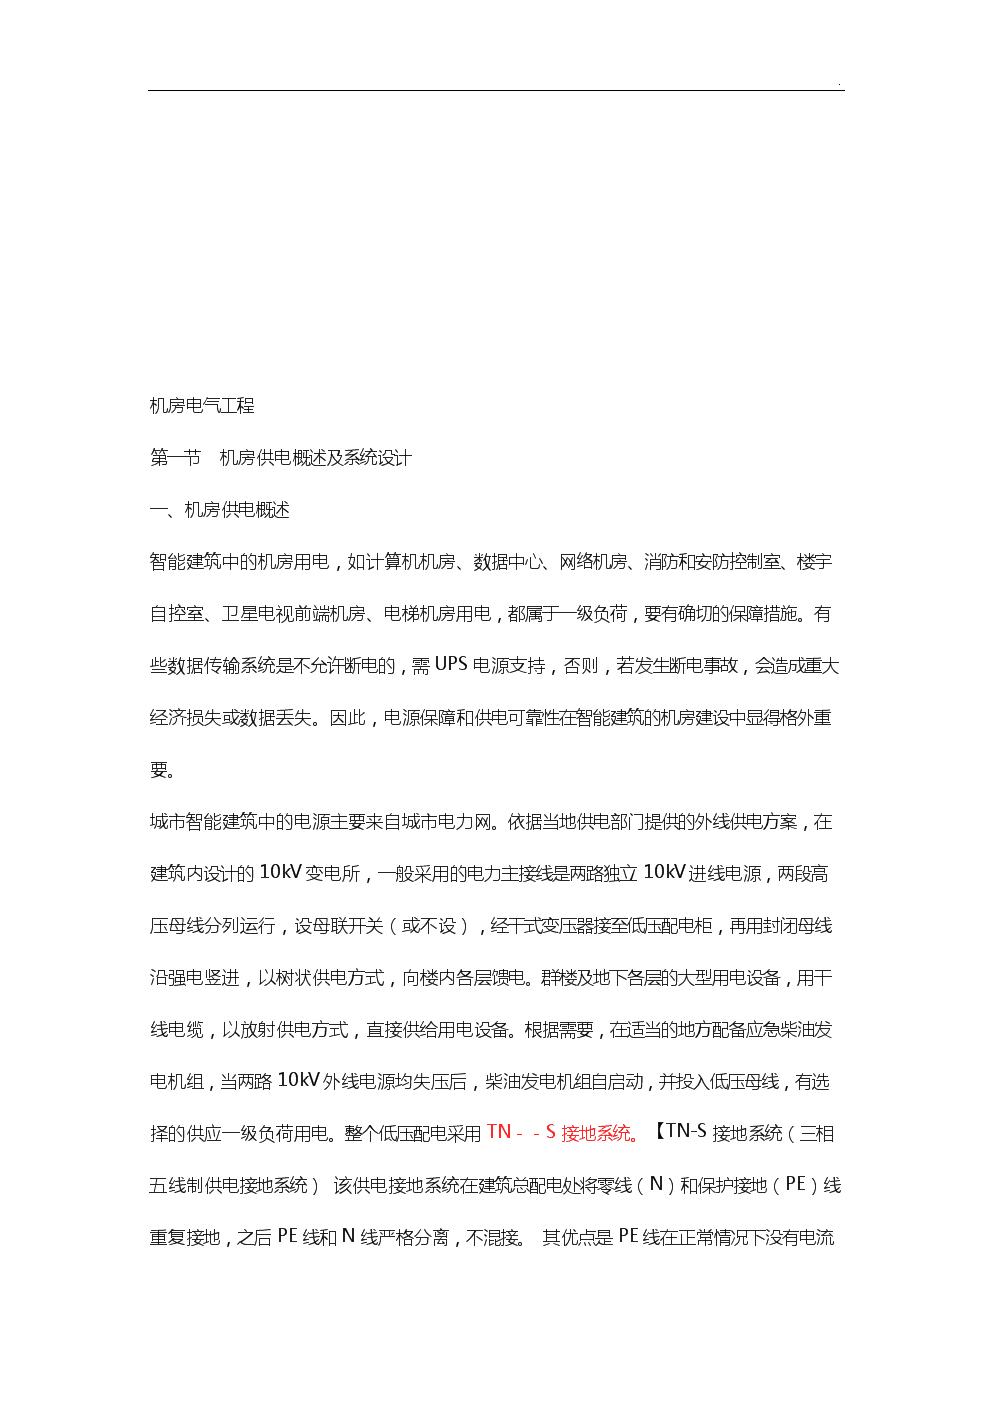 必足gb50057-1994(2000版)《建筑物防雷设蠨范.doc